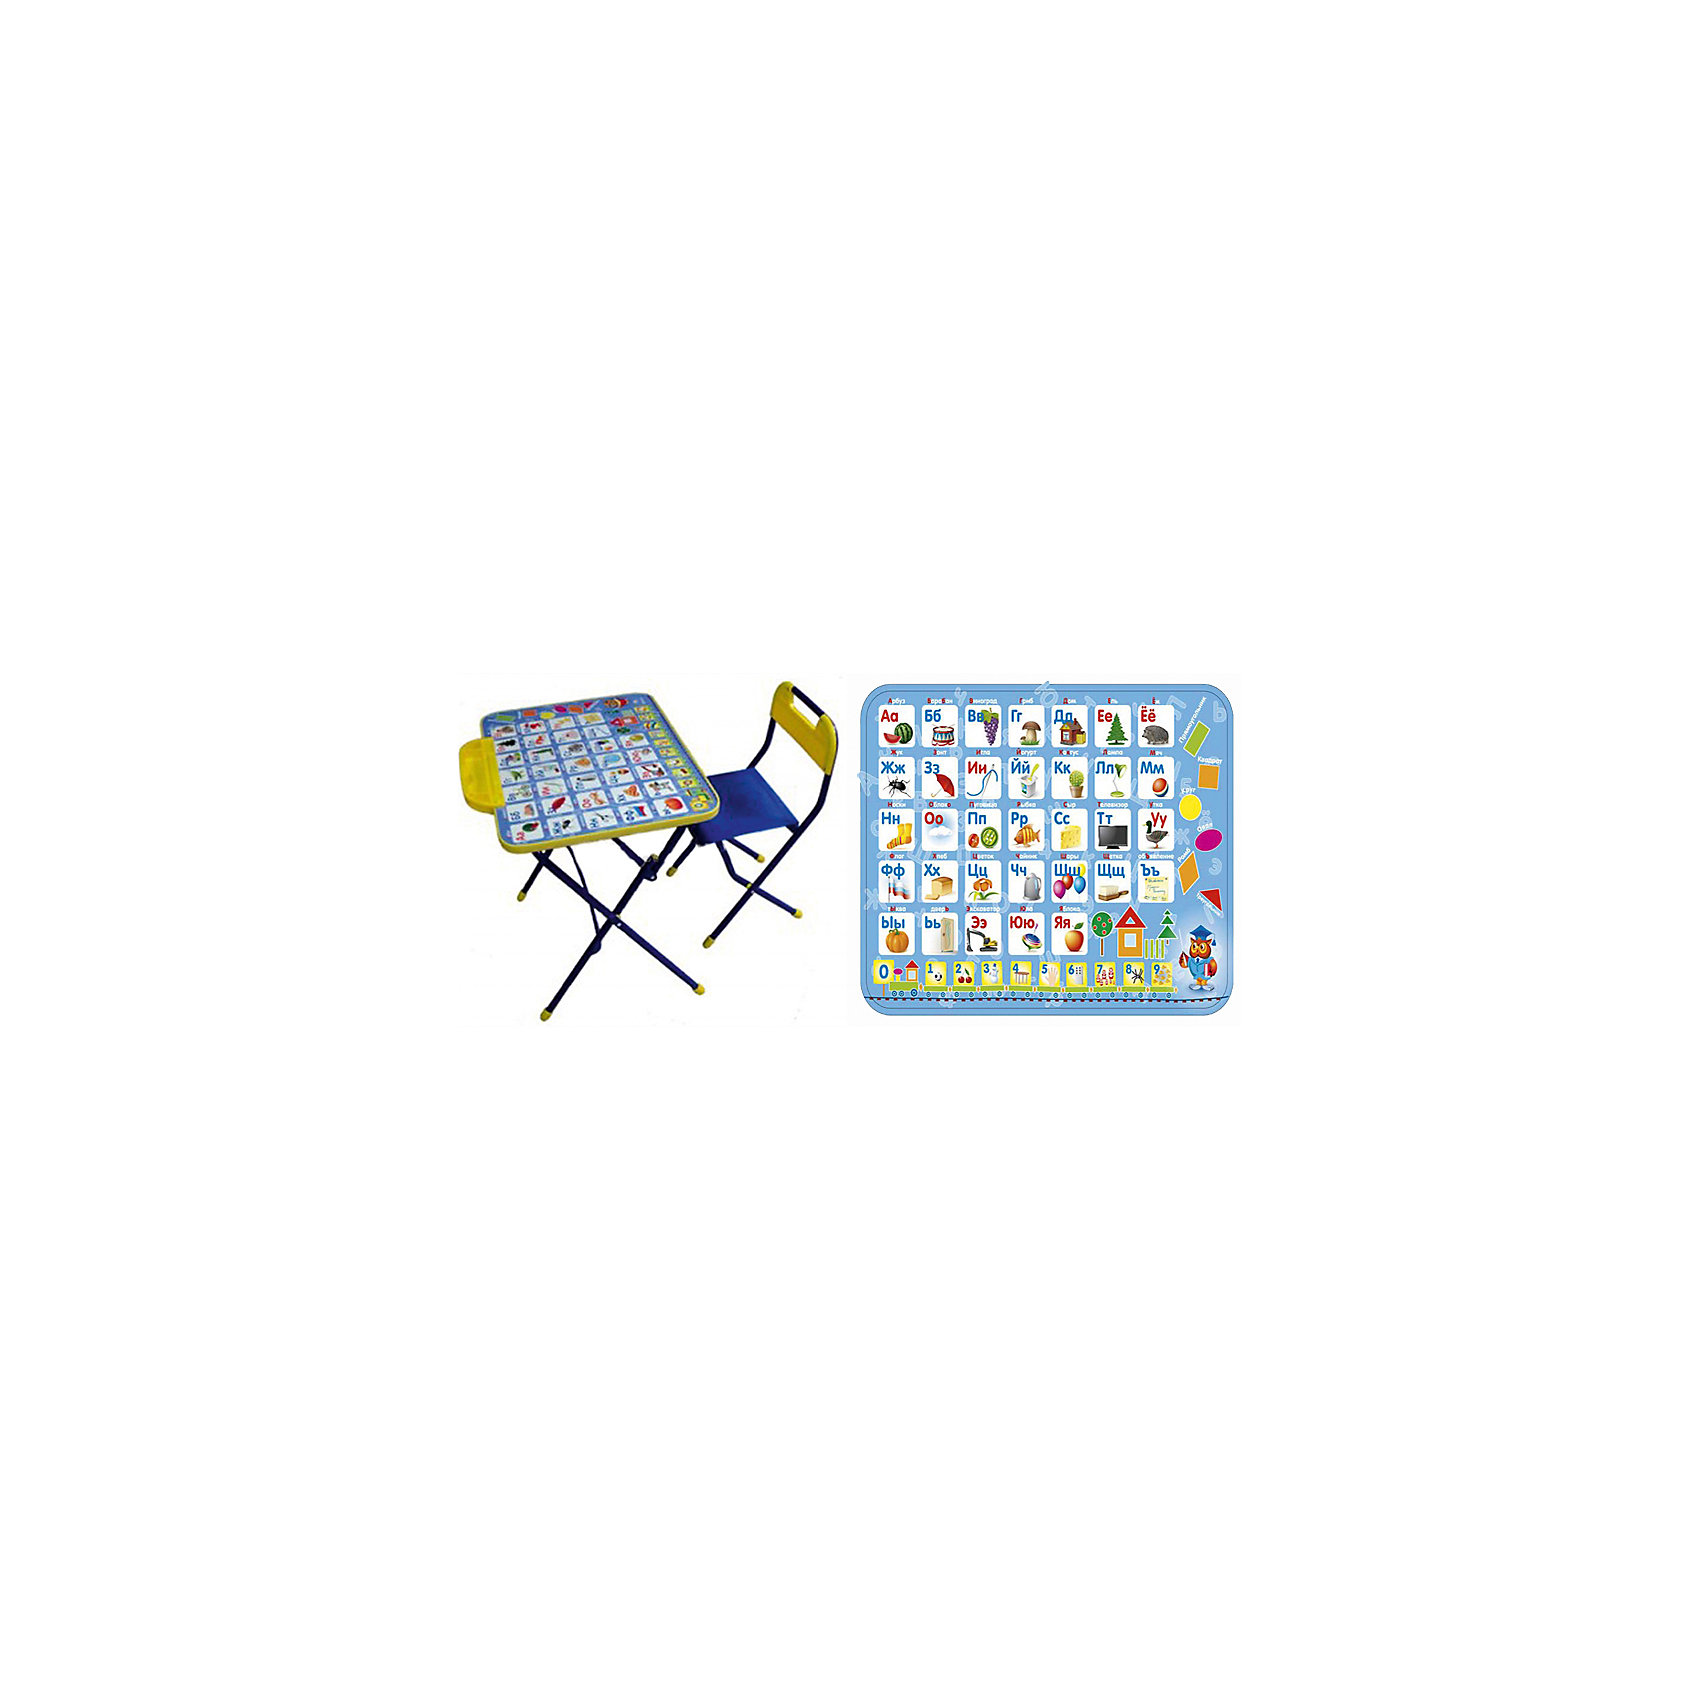 Набор мебели Азбука, КПУ1/9, НикаДетские столы и стулья<br>Набор детской мебели Азбука состоит из двух предметов: стол-парта и стульчик.  На крышке столика изображены рисунки способствующие развитию ребенка.<br><br>Дополнительная информация:<br><br>В комплект входит стол-парта и стул с пластиковым сиденьем.<br>- Металлический каркас.<br>- Столешница облицована пленкой с тематическими рисунками.<br>- На ножках стула установлены пластмассовые наконечники.<br>- Размер столика: 60х45х57 см.<br>- Размер стула: высота до сиденья 34 см, высота со спинкой 59 см.<br>Сиденье: 30х30 см.<br>- Возраст: от 3-х лет<br><br>Набор мебели Азбука можно купить в нашем магазине.<br><br>Ширина мм: 580<br>Глубина мм: 120<br>Высота мм: 450<br>Вес г: 7050<br>Возраст от месяцев: 36<br>Возраст до месяцев: 108<br>Пол: Унисекс<br>Возраст: Детский<br>SKU: 4718356